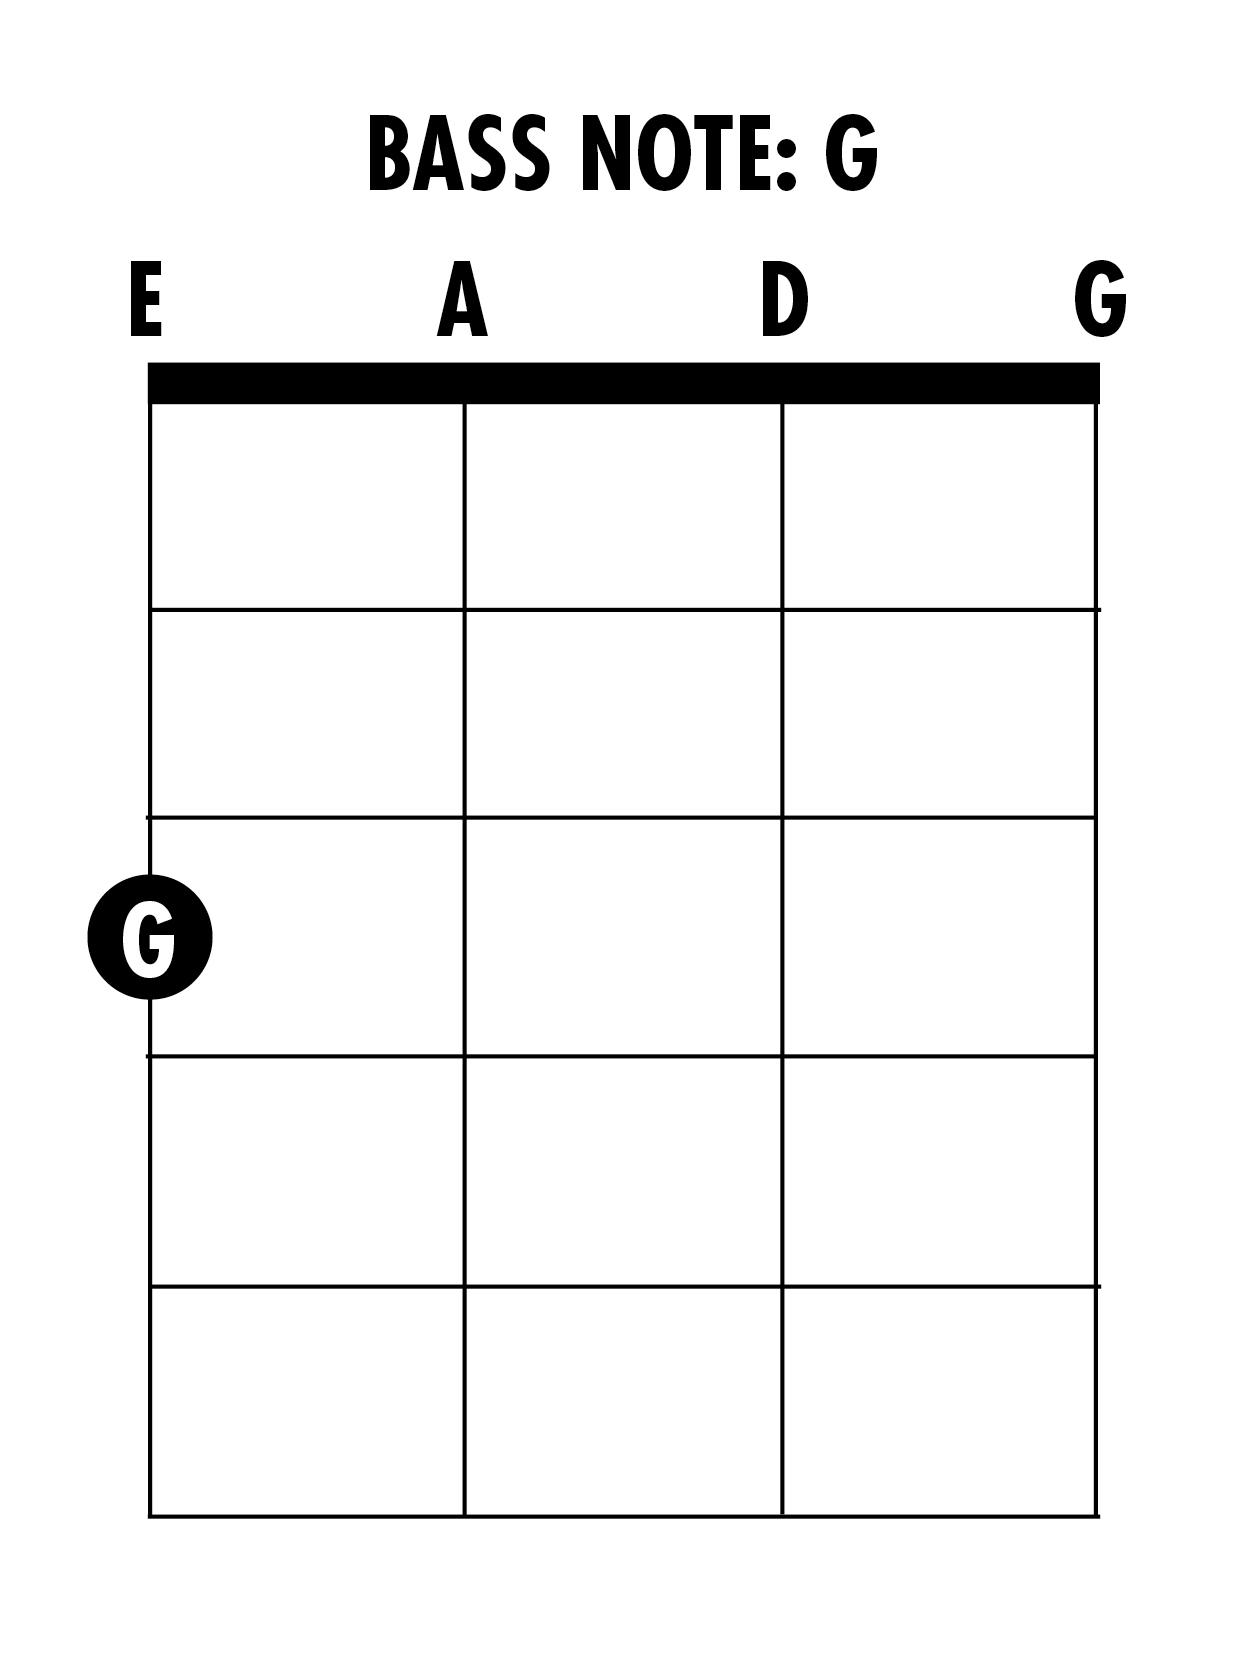 Bass G Scale - G.jpg